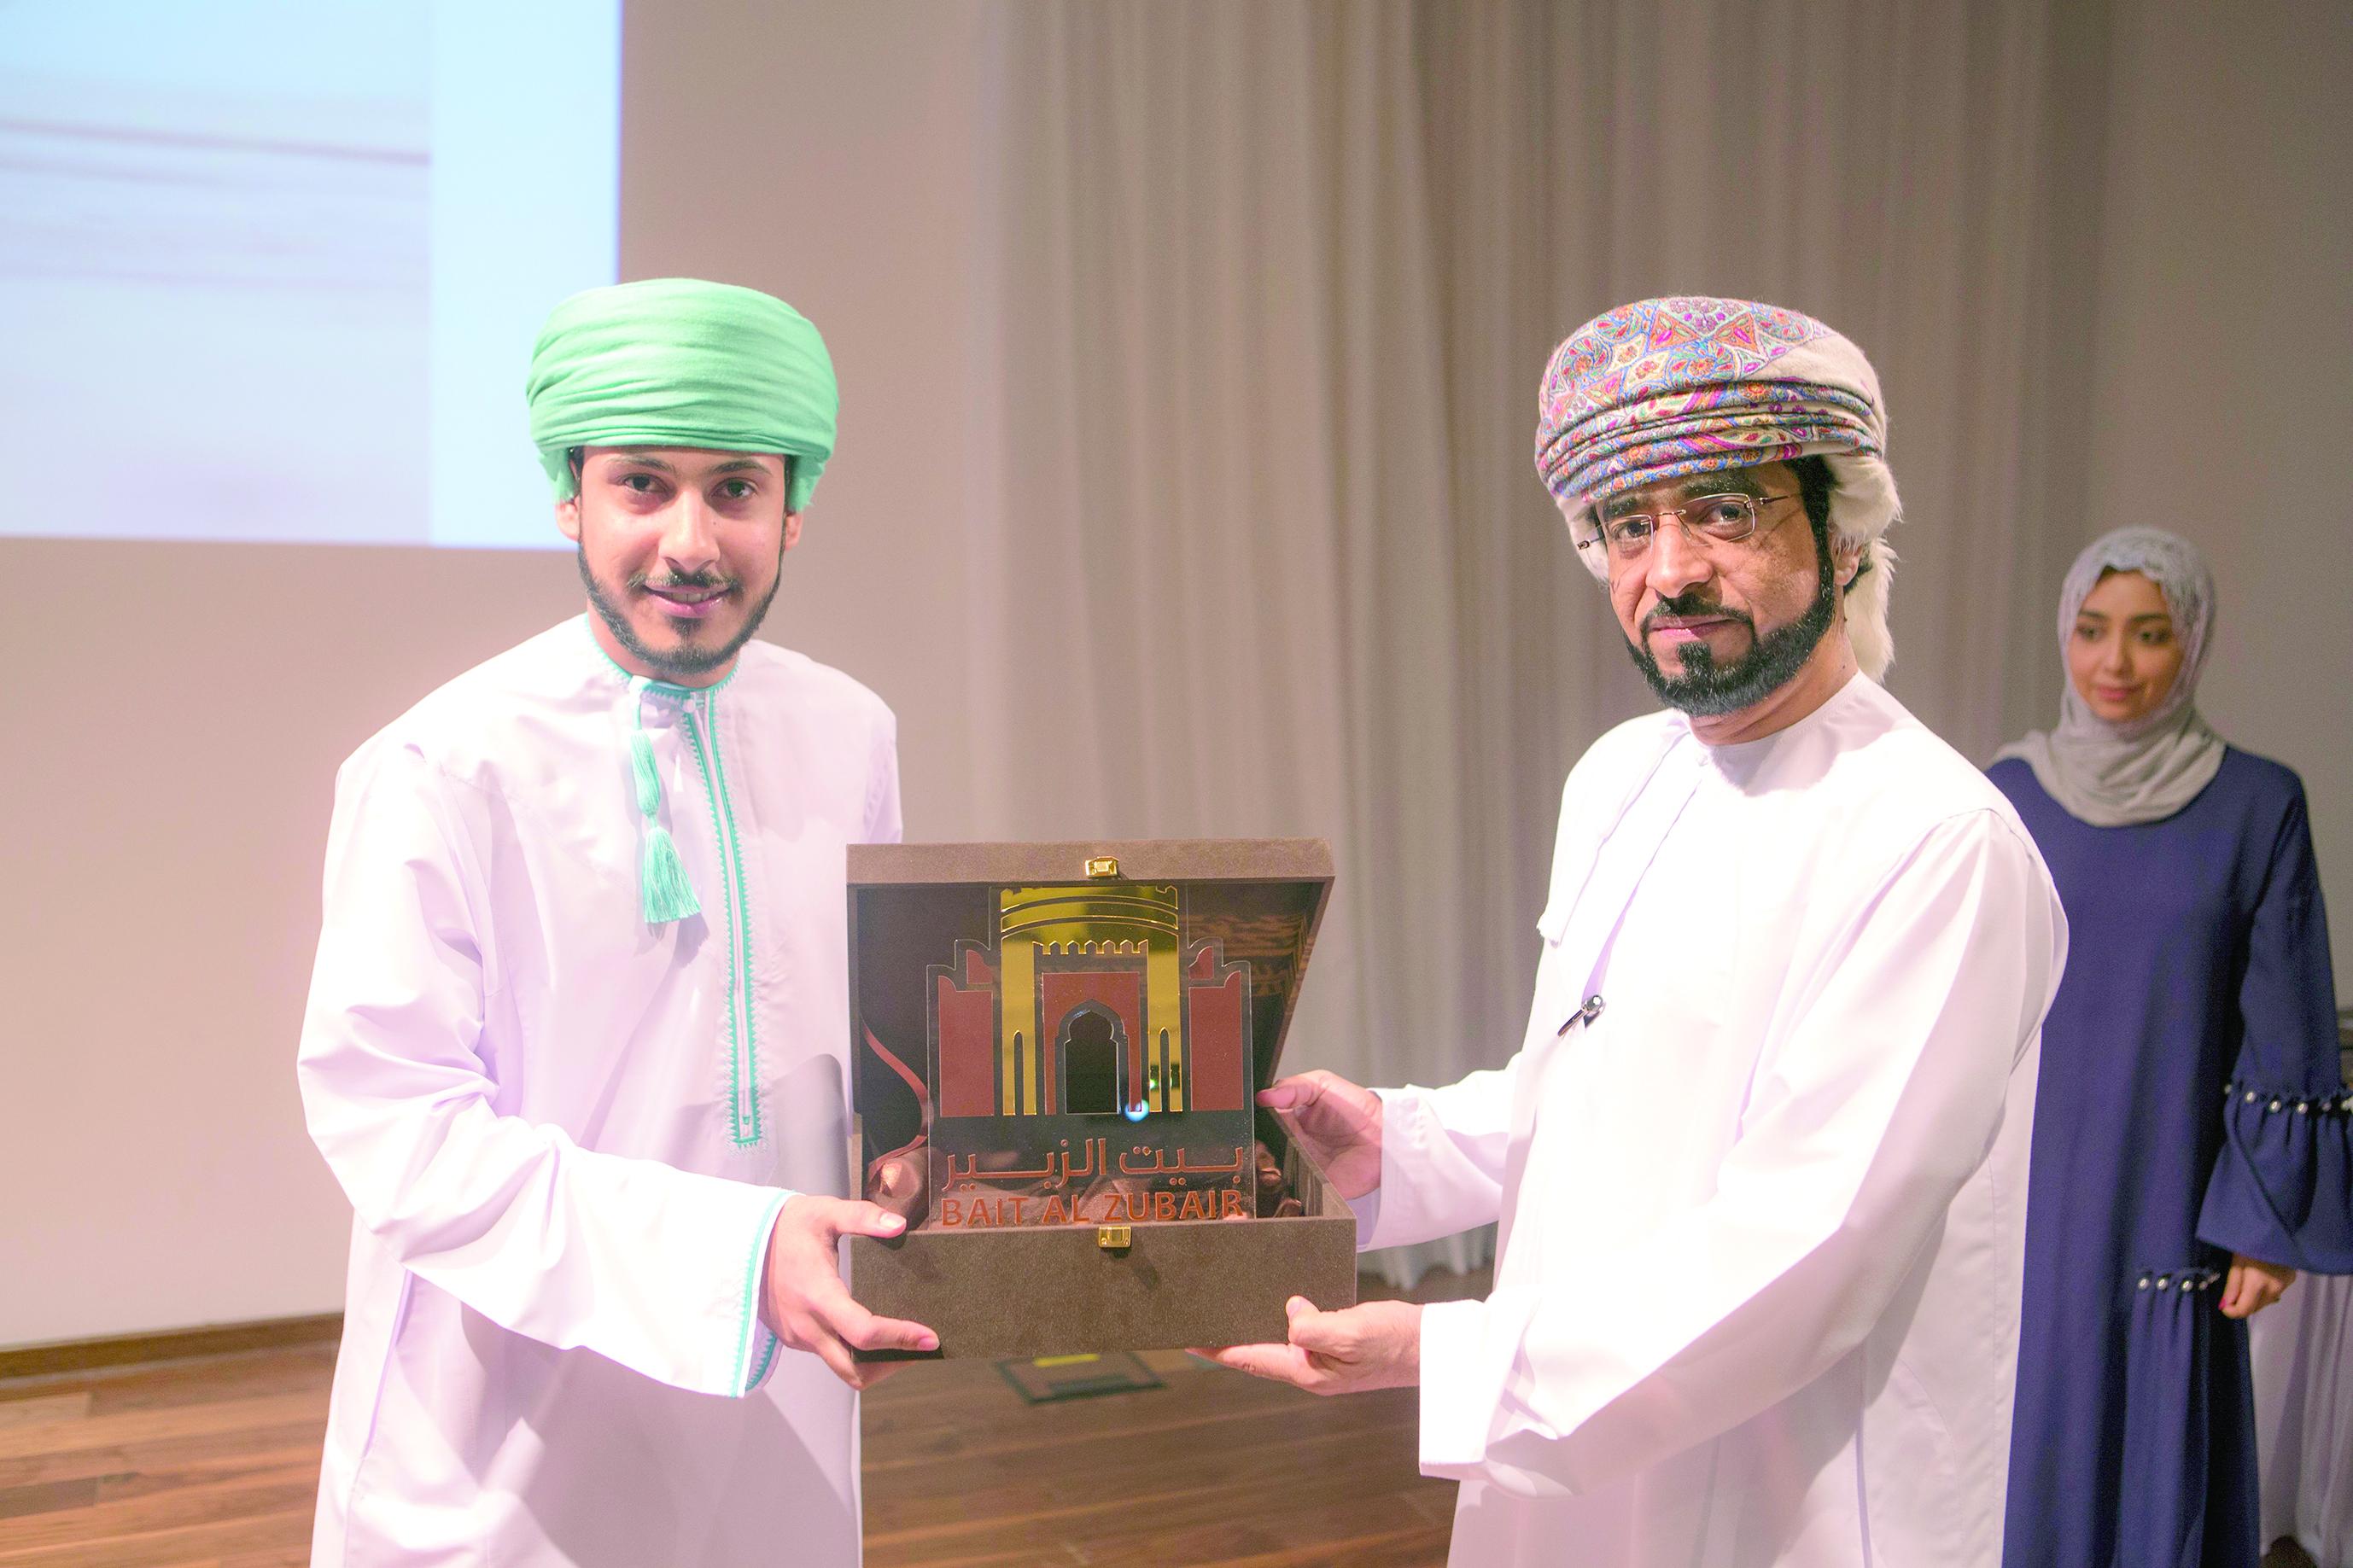 ختام مسابقة «بيت الزبير» للجماعات الطلابية الثقافية